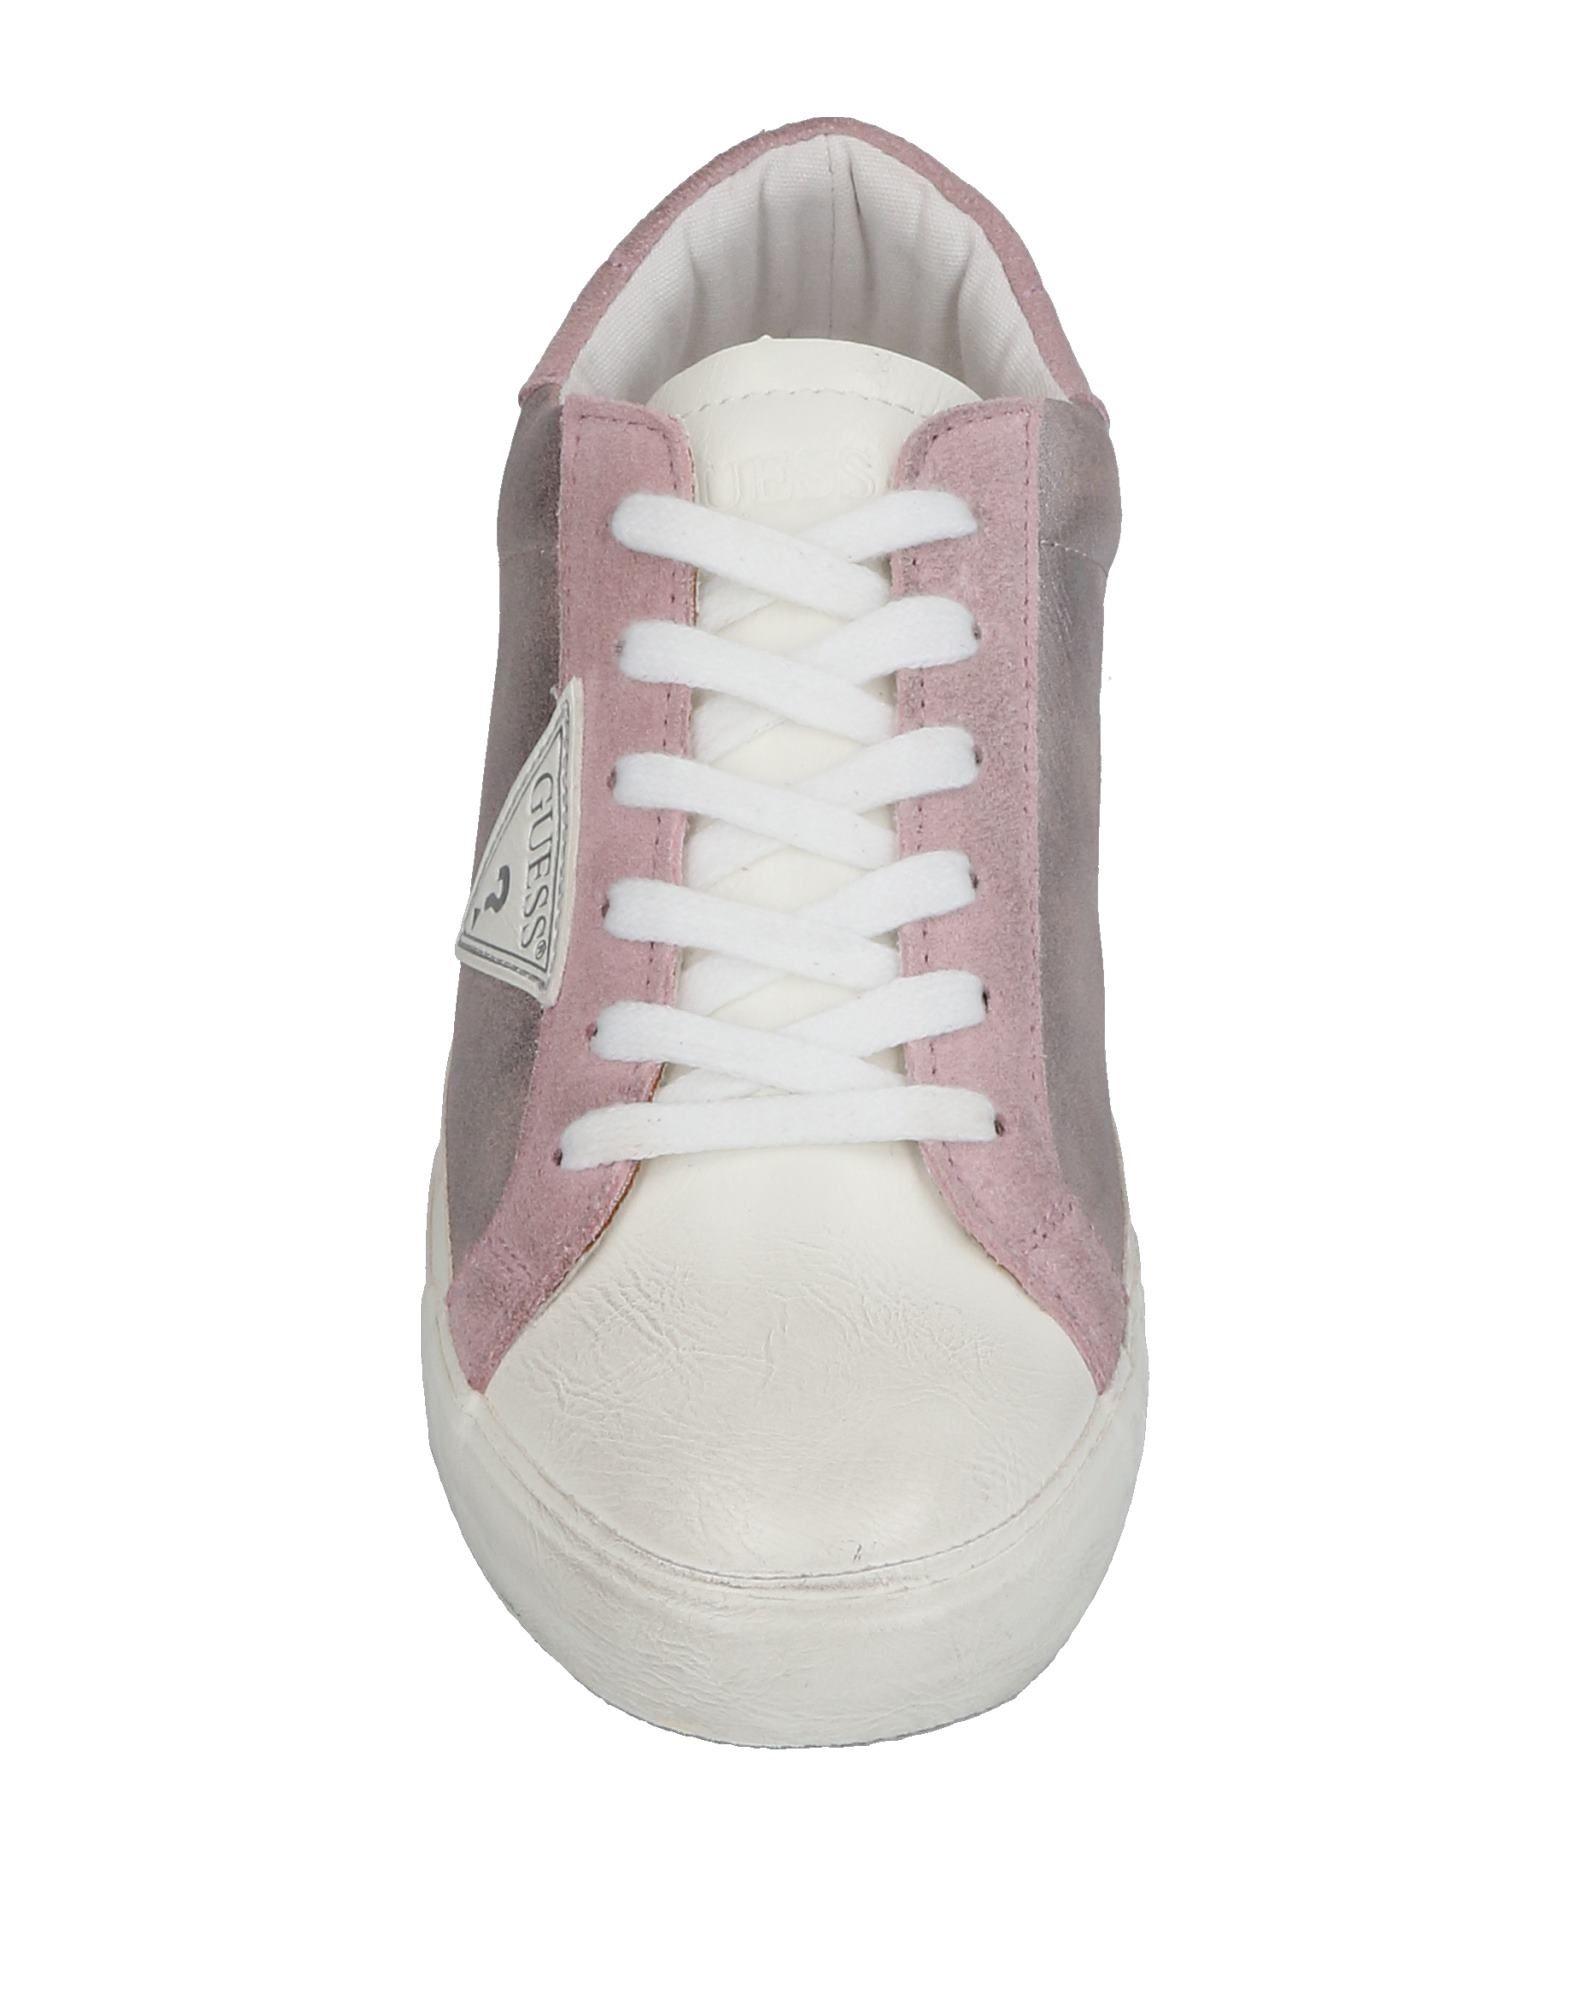 Guess Sneakers 11329649OS Damen  11329649OS Sneakers Gute Qualität beliebte Schuhe 9c57c0